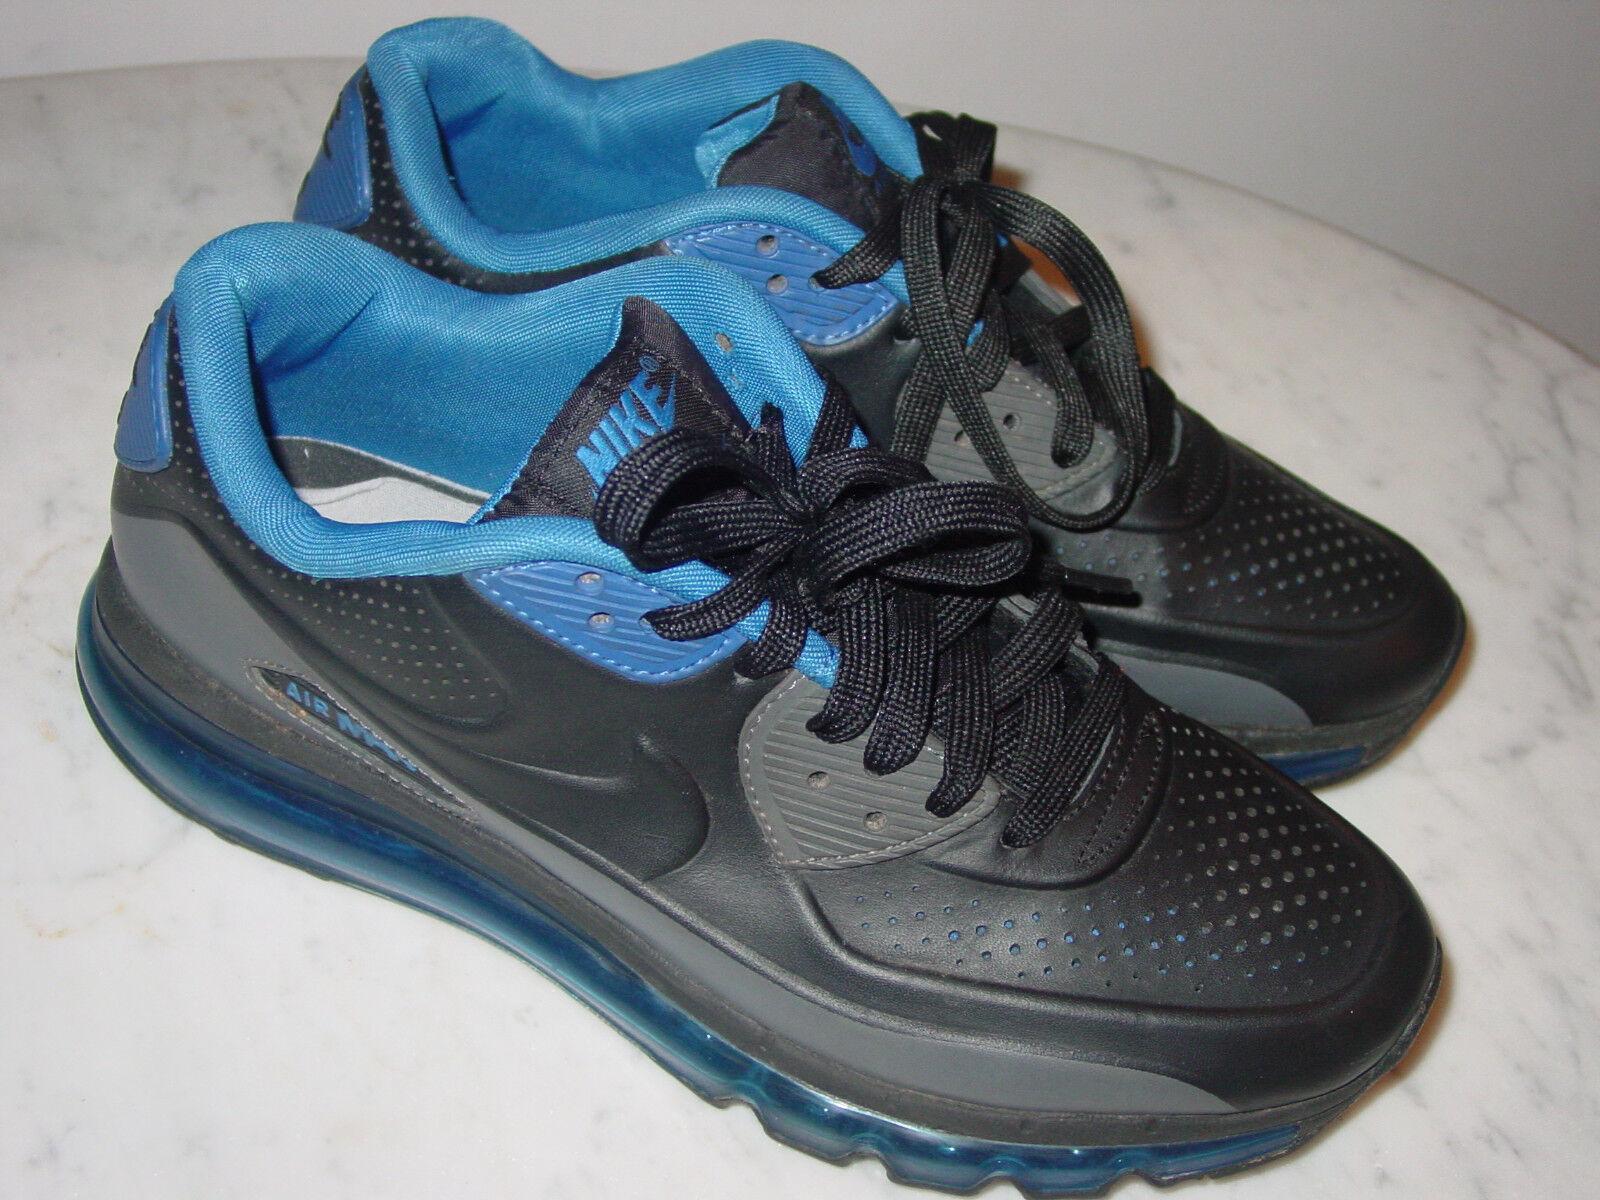 2018 Hombre nike air max 90 2018 LTR QS negro y / azul zapatillasCómodo, barato y negro hermoso moda 86ebcd